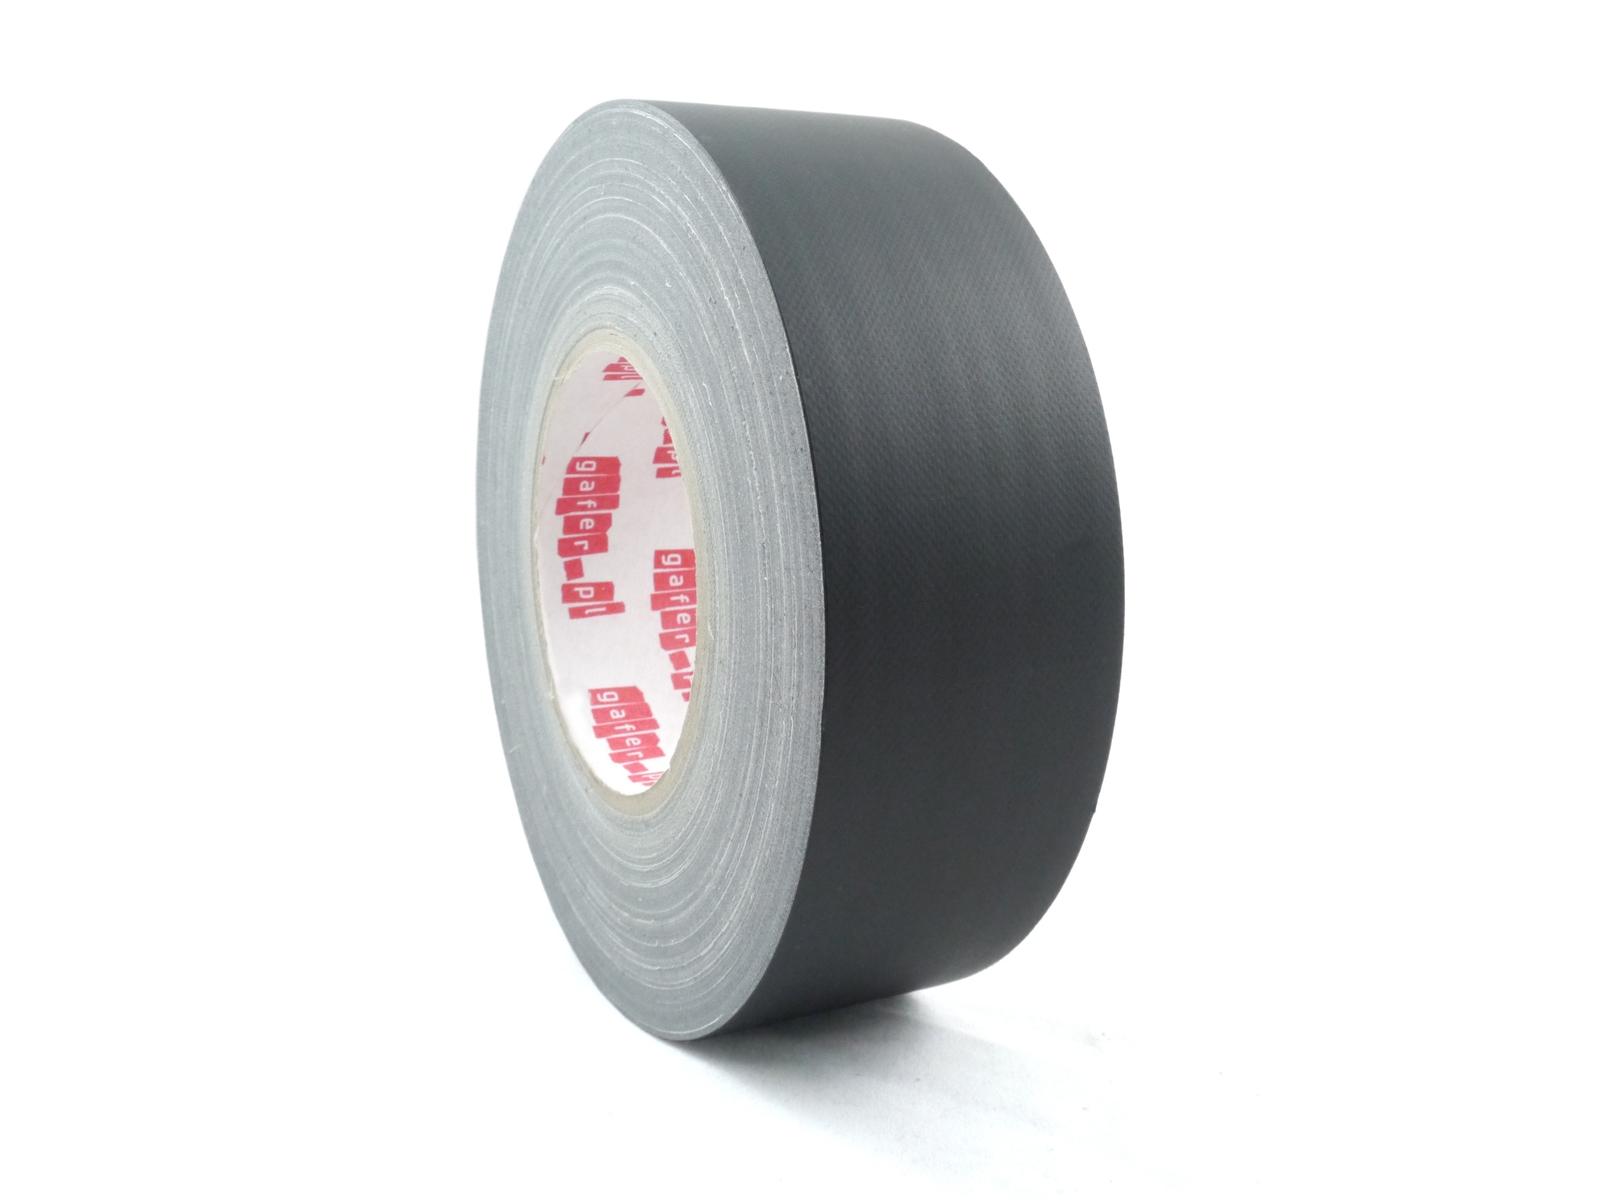 GAFER.PL MAX ai gaffa Tape 50mm x 50m nero opaco